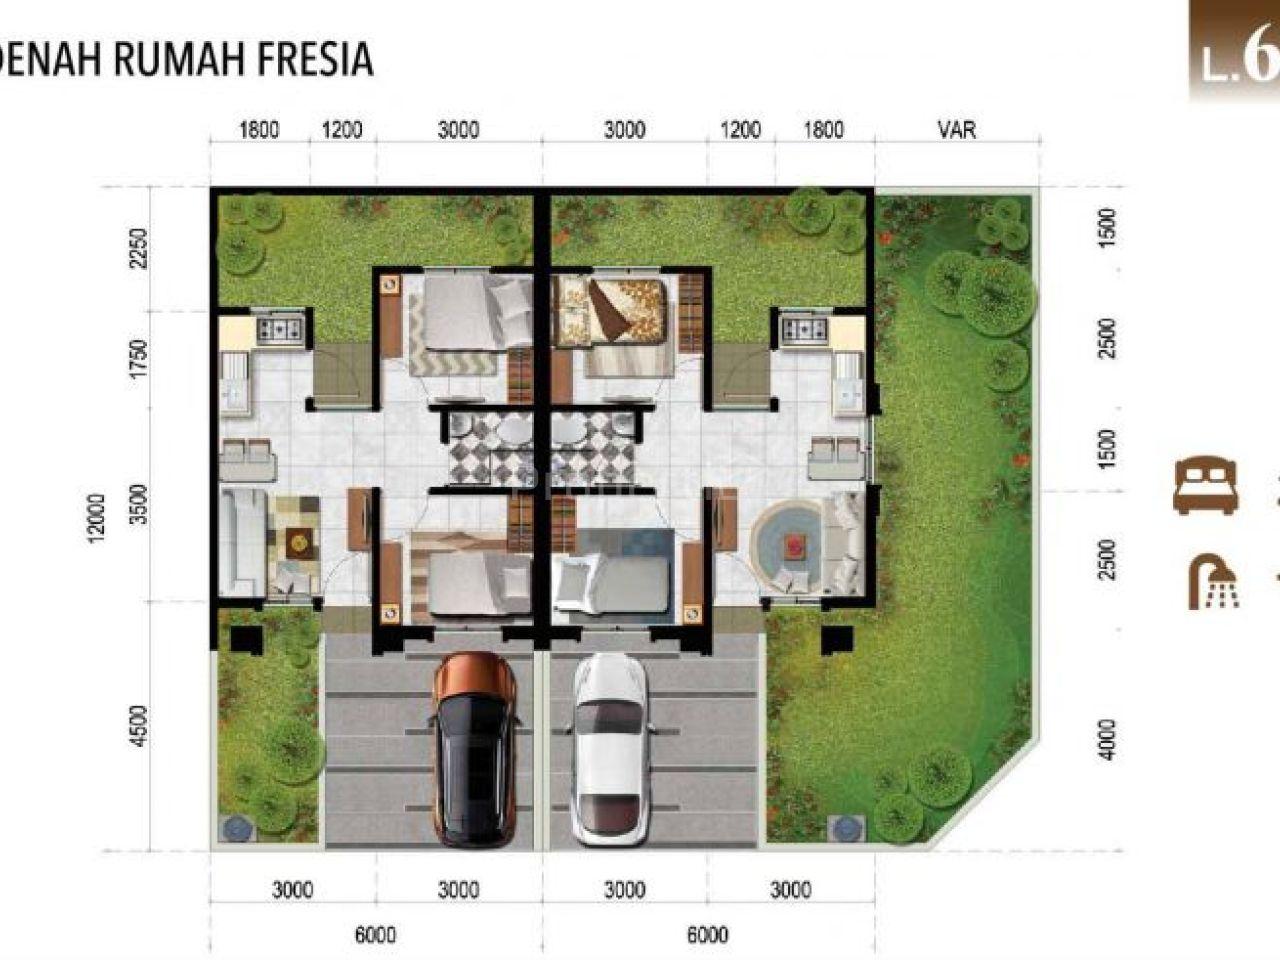 Fresia House in Certara Cluster, Lugano Lake Park, Banten